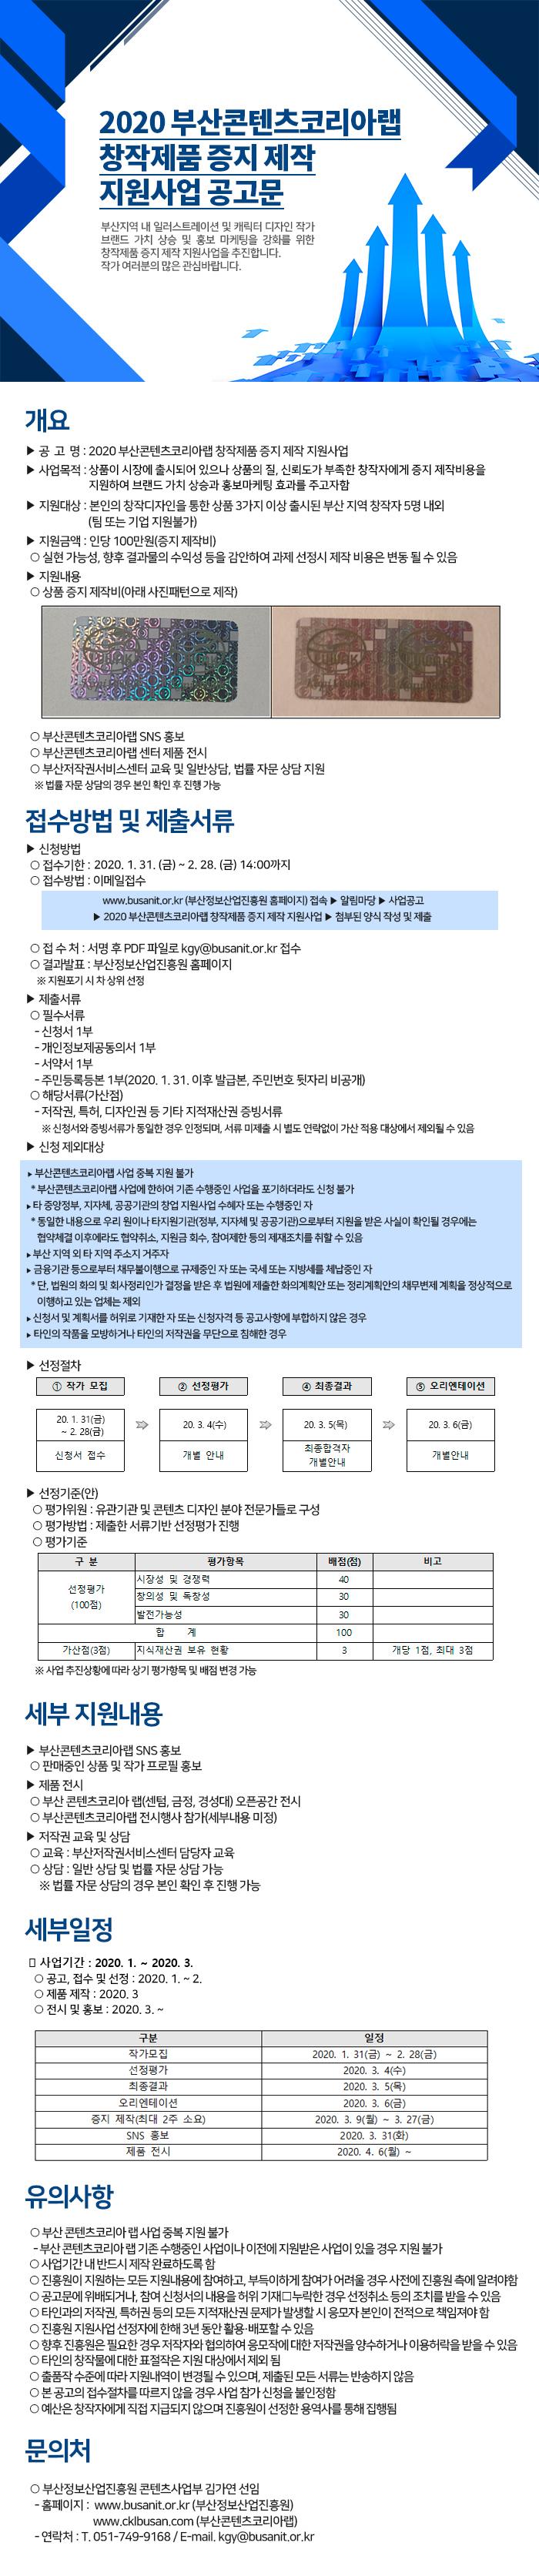 2020 부산콘텐츠코리아랩 창작제품 증지 제작 지원사업 작가 모집